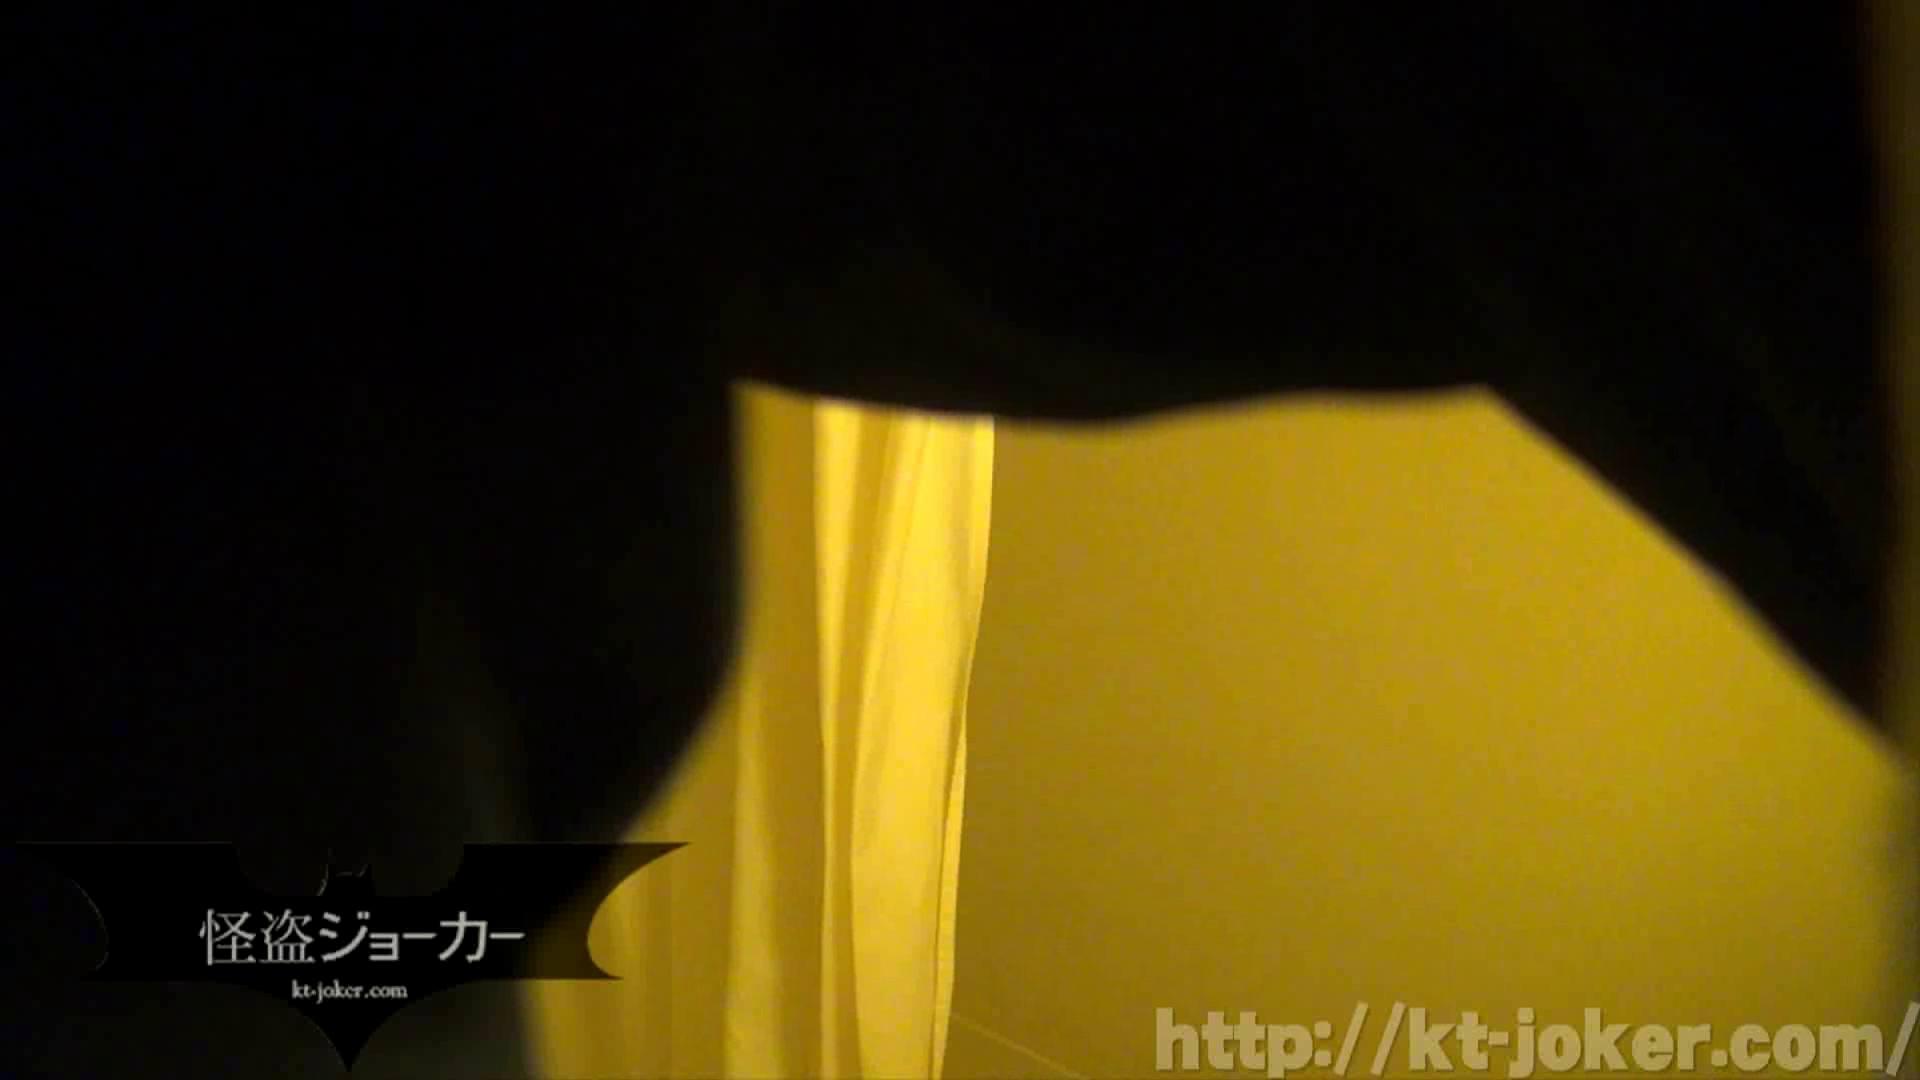 イ・タ・ズ・ラ劇場 Vol.01 HなOL   ギガ乳  48pic 20